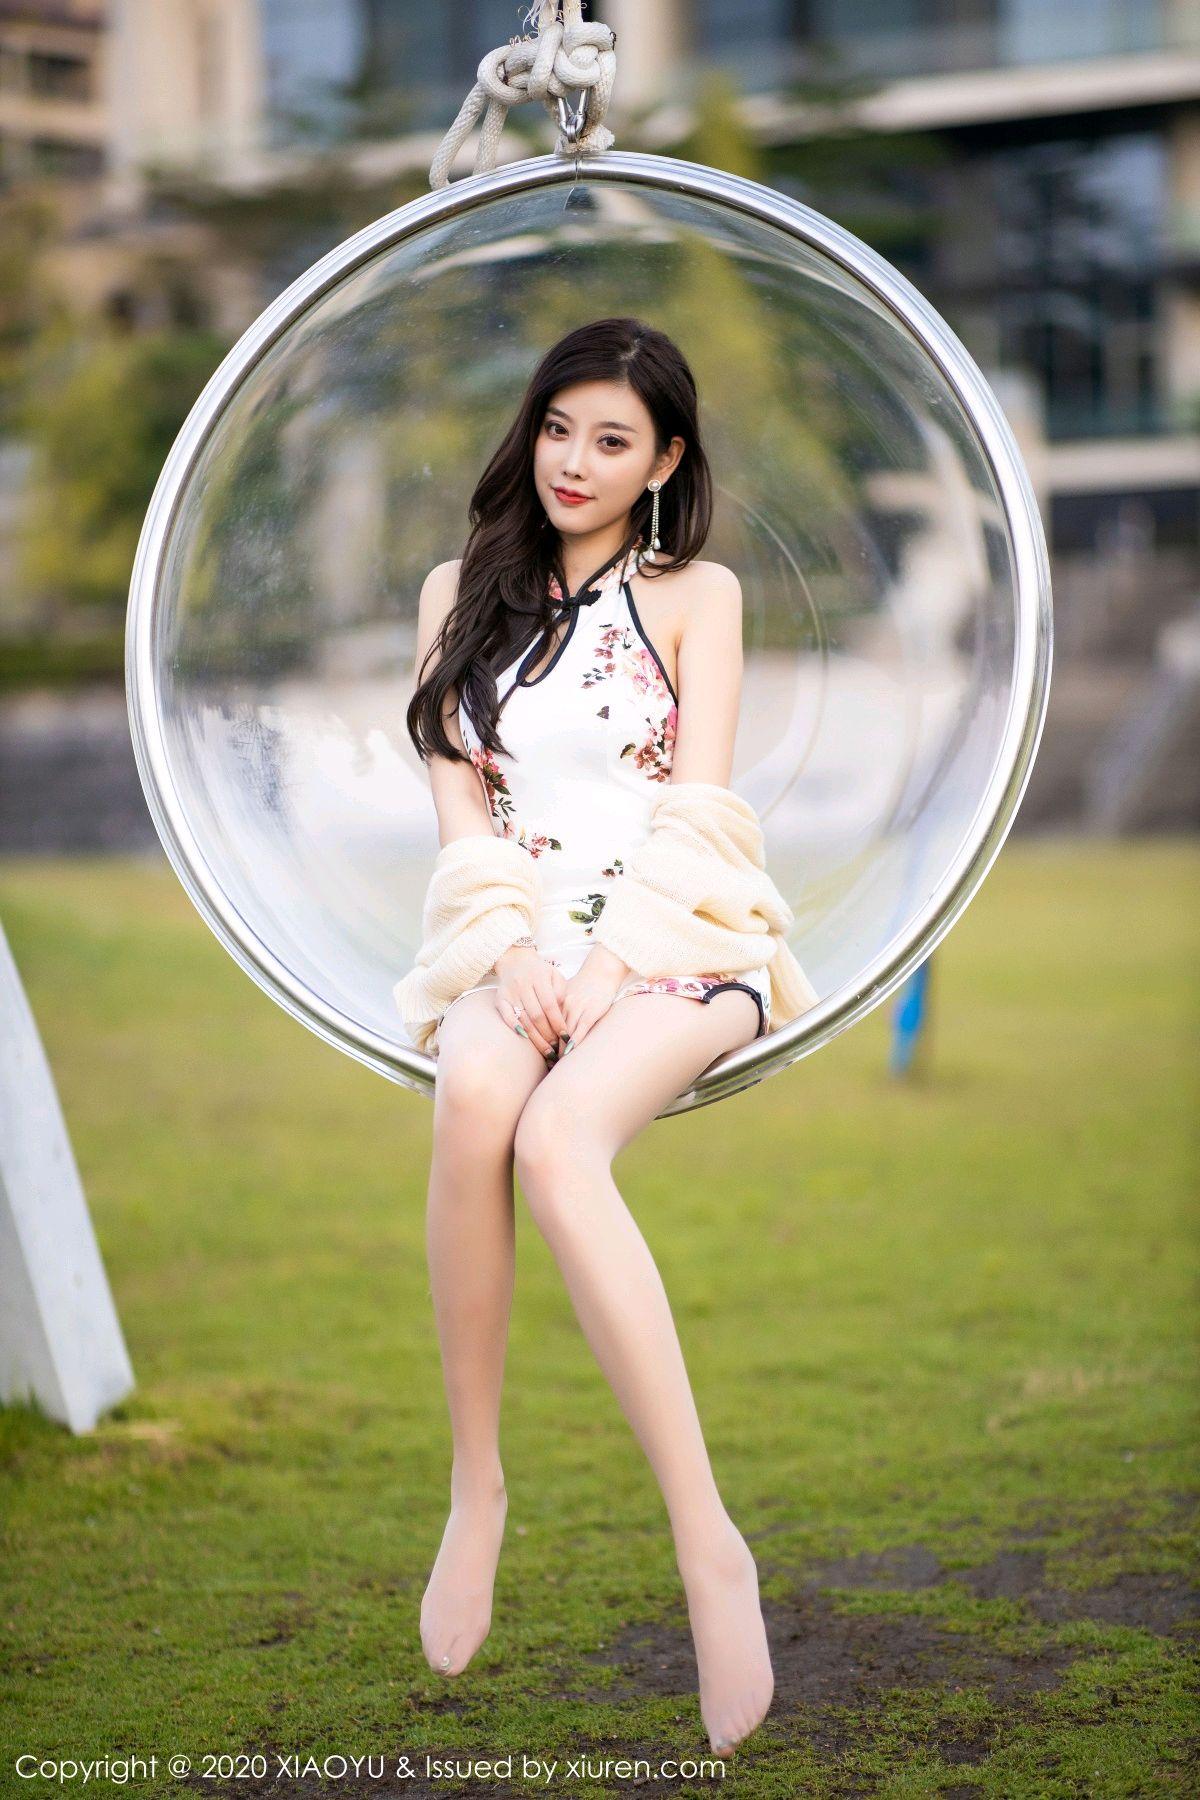 [XiaoYu] Vol.233 Yang Chen Chen 103P, Cheongsam, Foot, XiaoYu, Yang Chen Chen